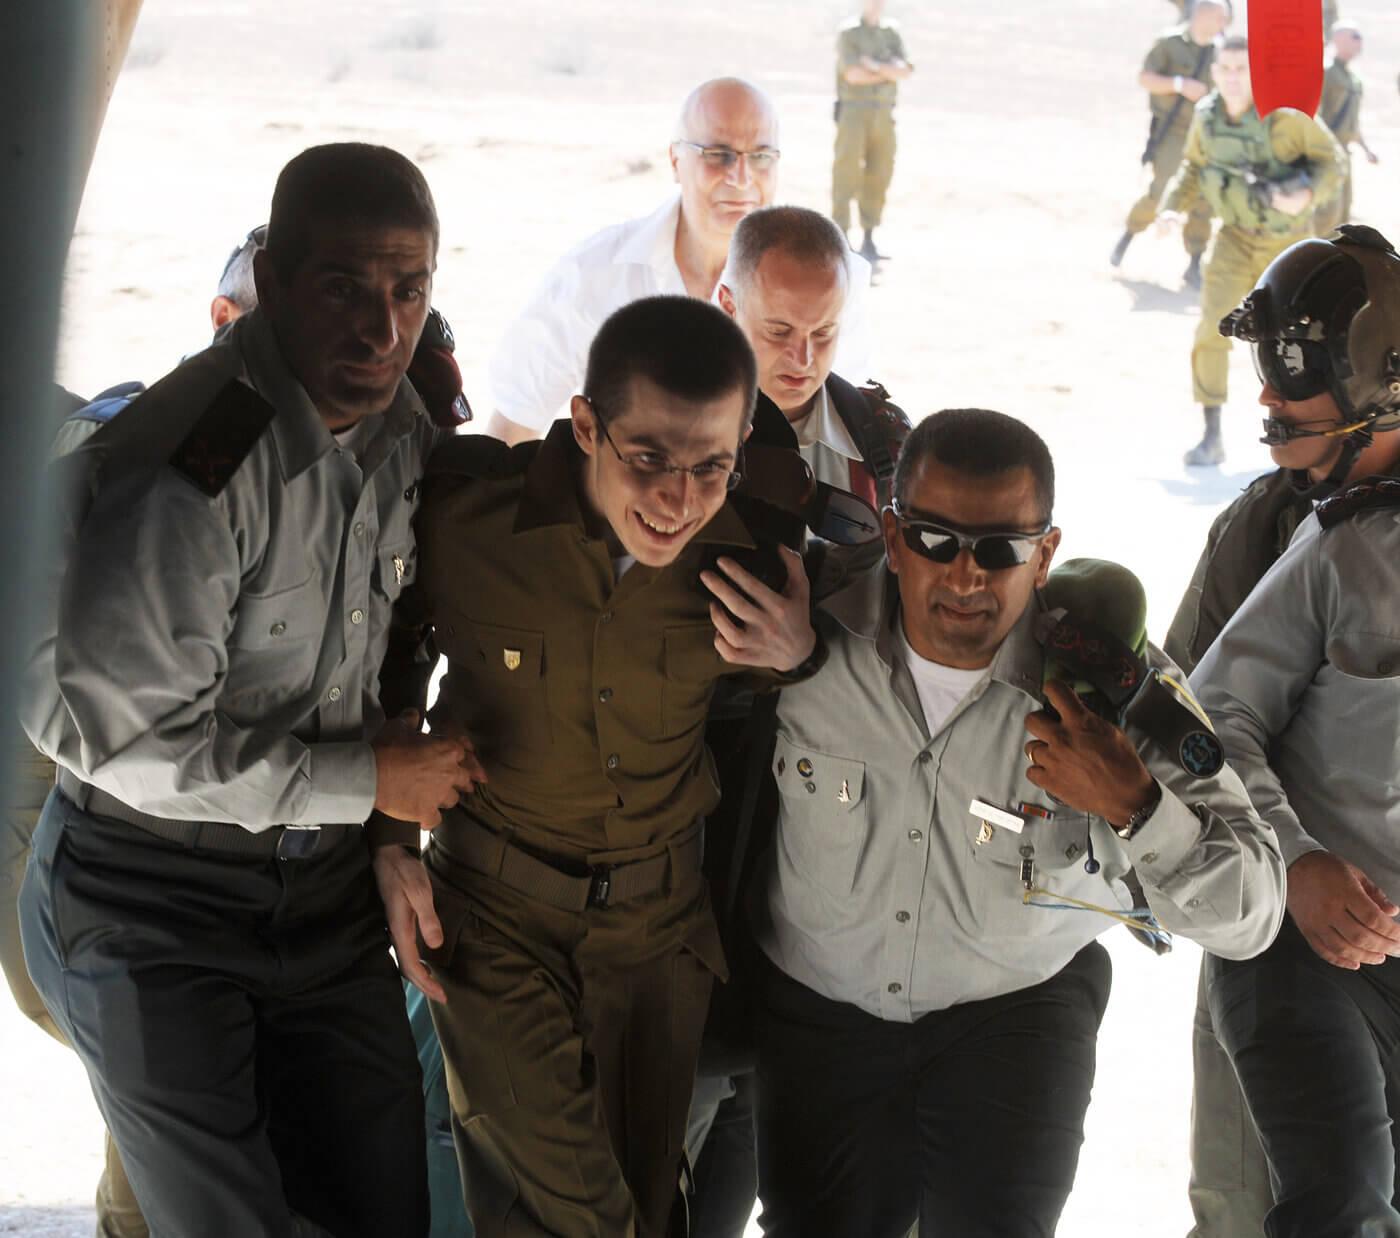 """גלעד שליט משתחרר מהשבי ב-2011. צילום: עמוס בן גרשום - לע""""מ"""